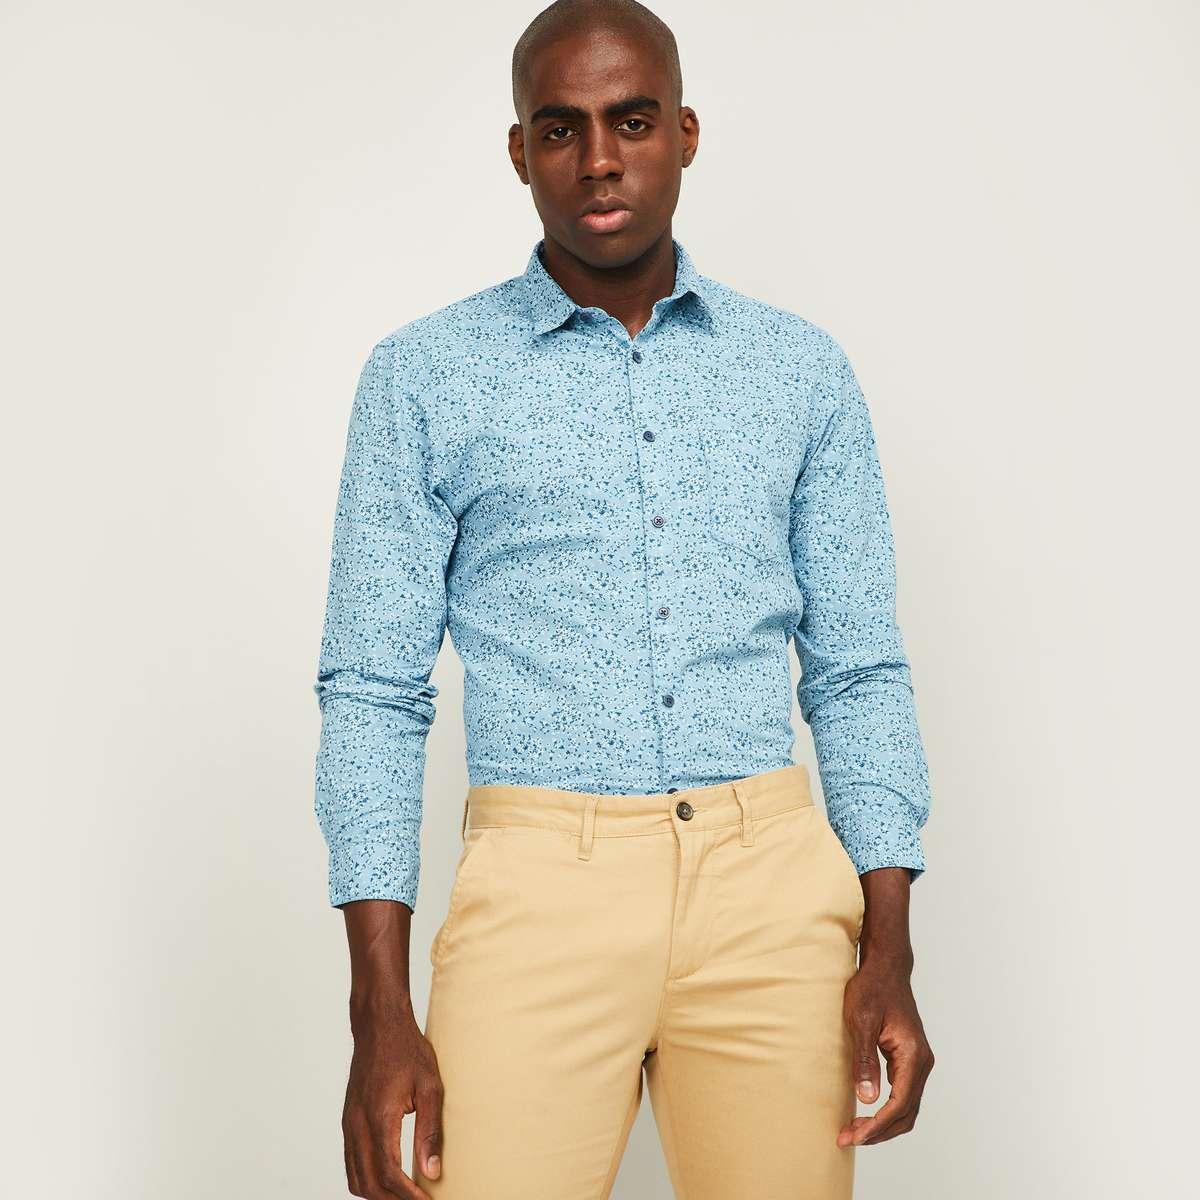 5.CODE Women Floral Print Slim Fit Casual Shirt